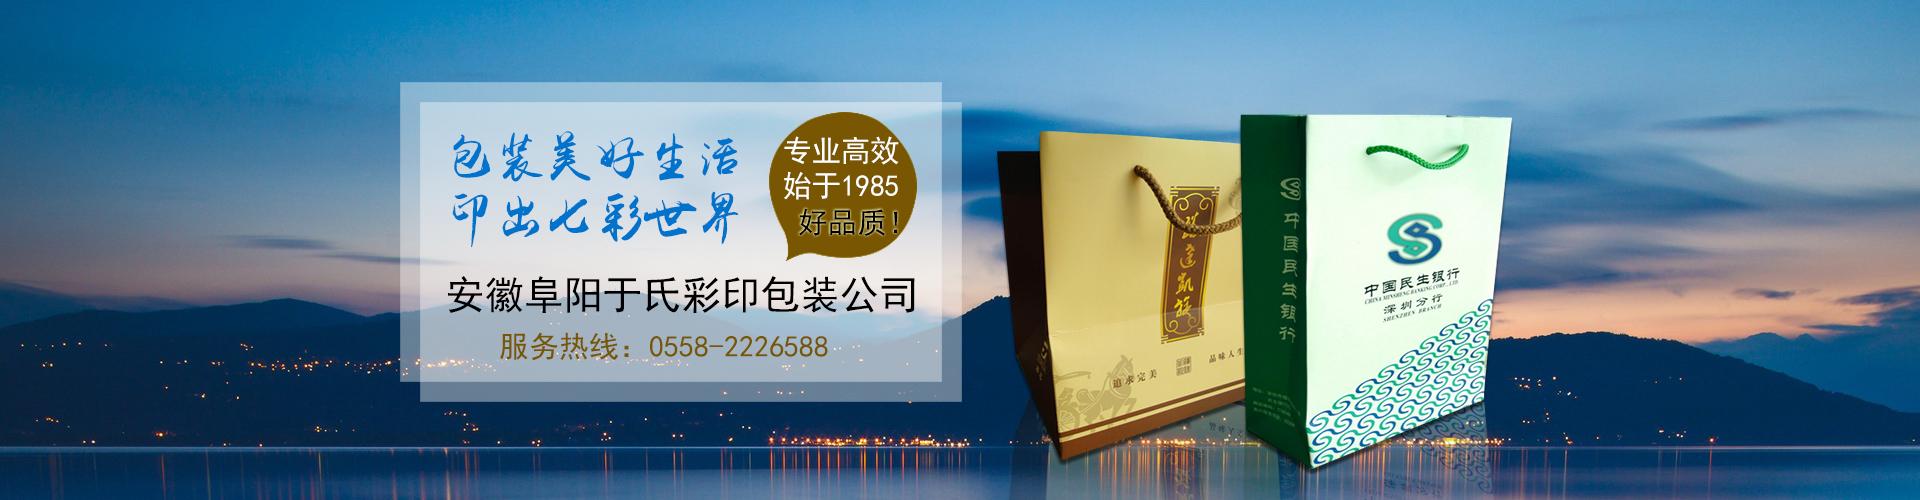 专业高效始于1985,阜阳于氏彩印包装公司,好品质!